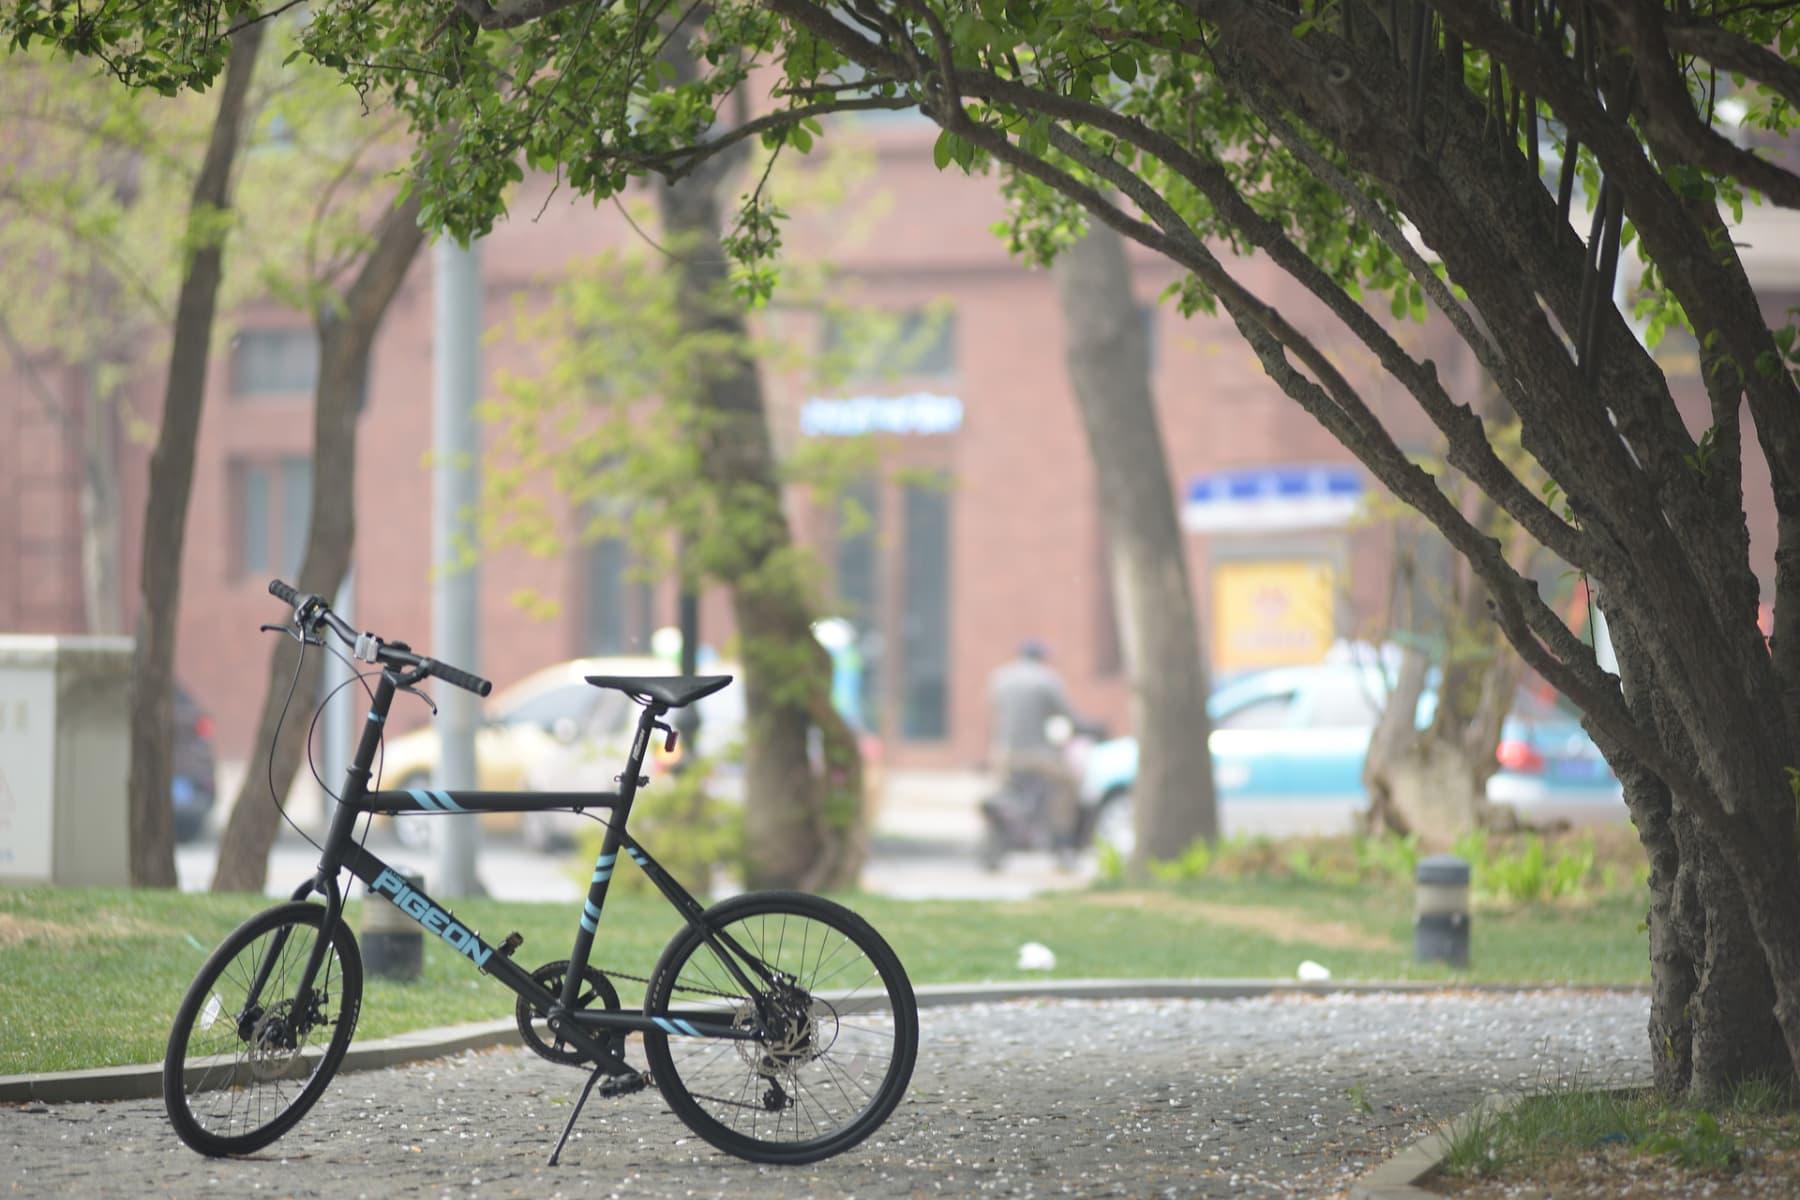 Mit den Sinus-Milieus nachhaltige Mobilität steigern